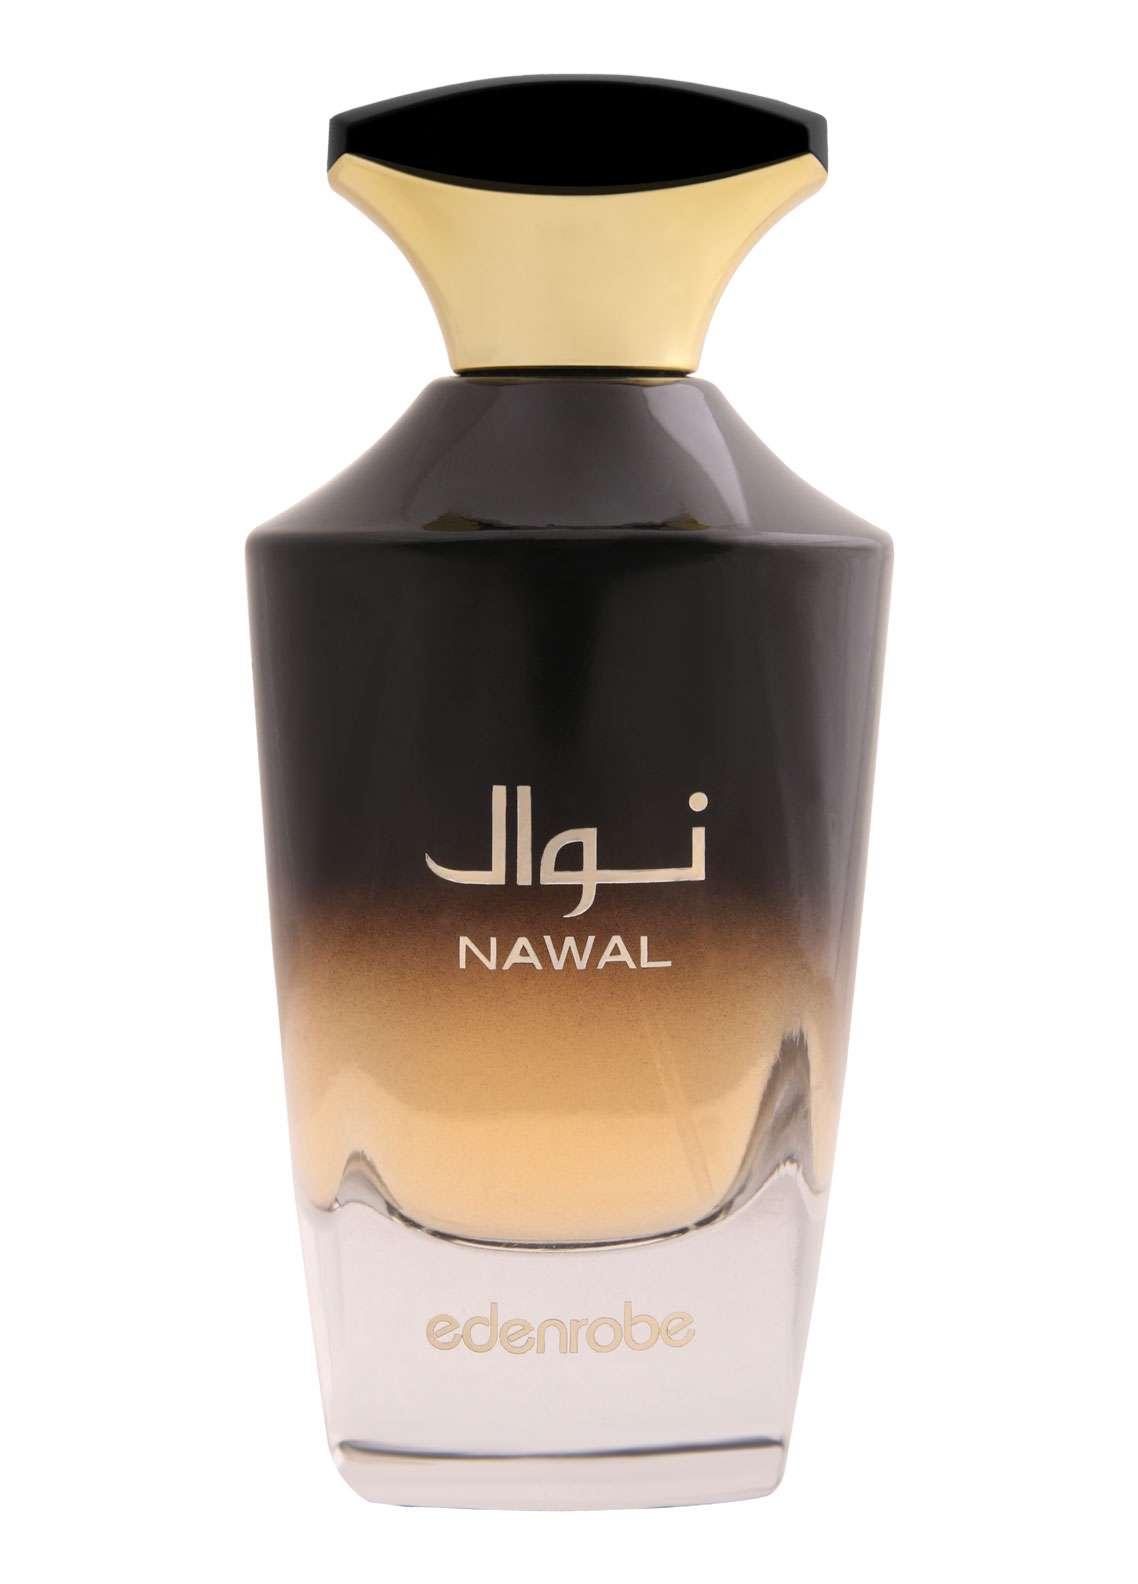 Edenrobe Nawal Perfume for unisex EDP